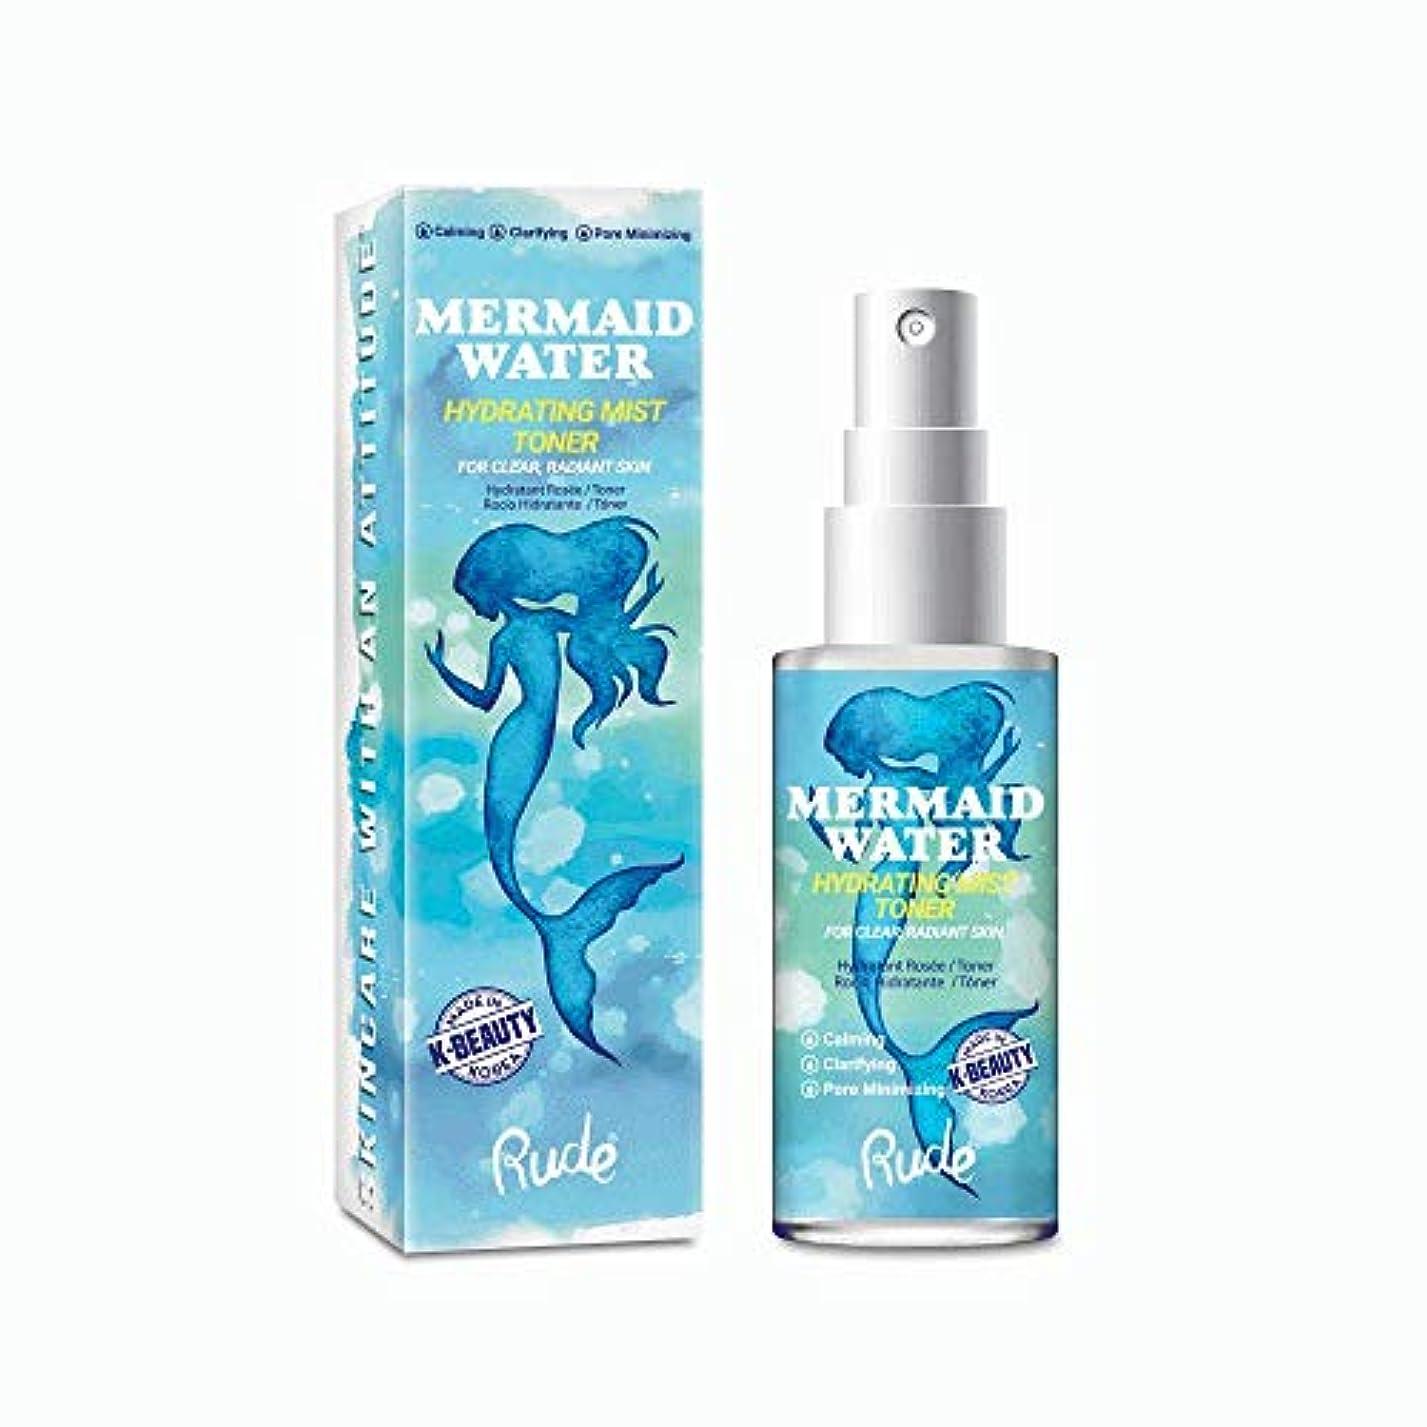 担当者あご変位(6 Pack) RUDE Mermaid Water Hydrating Mist Toner (並行輸入品)